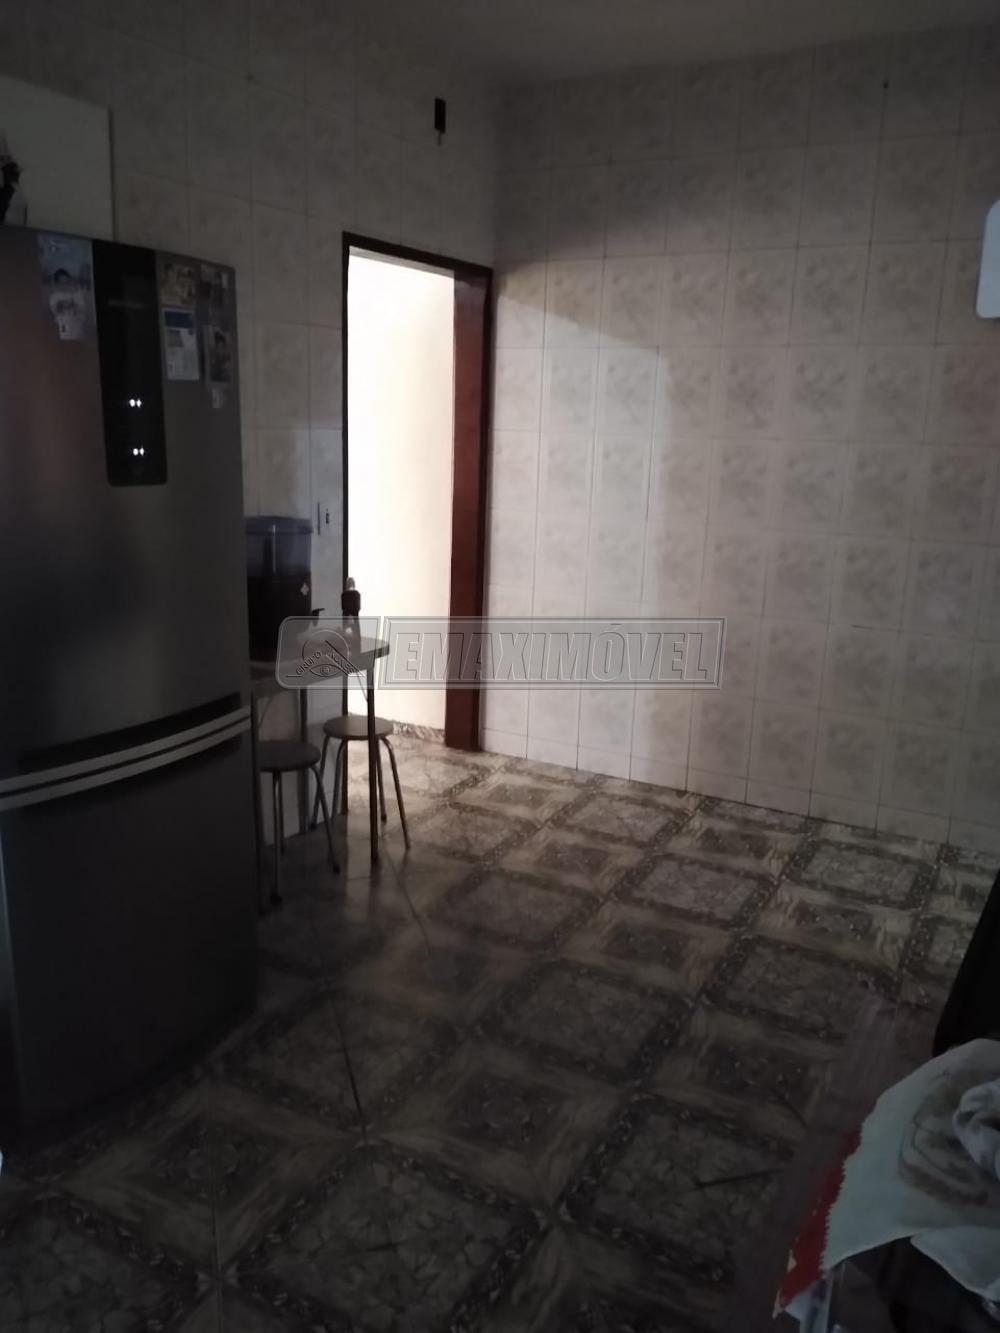 Comprar Casas / em Bairros em Sorocaba R$ 210.000,00 - Foto 15